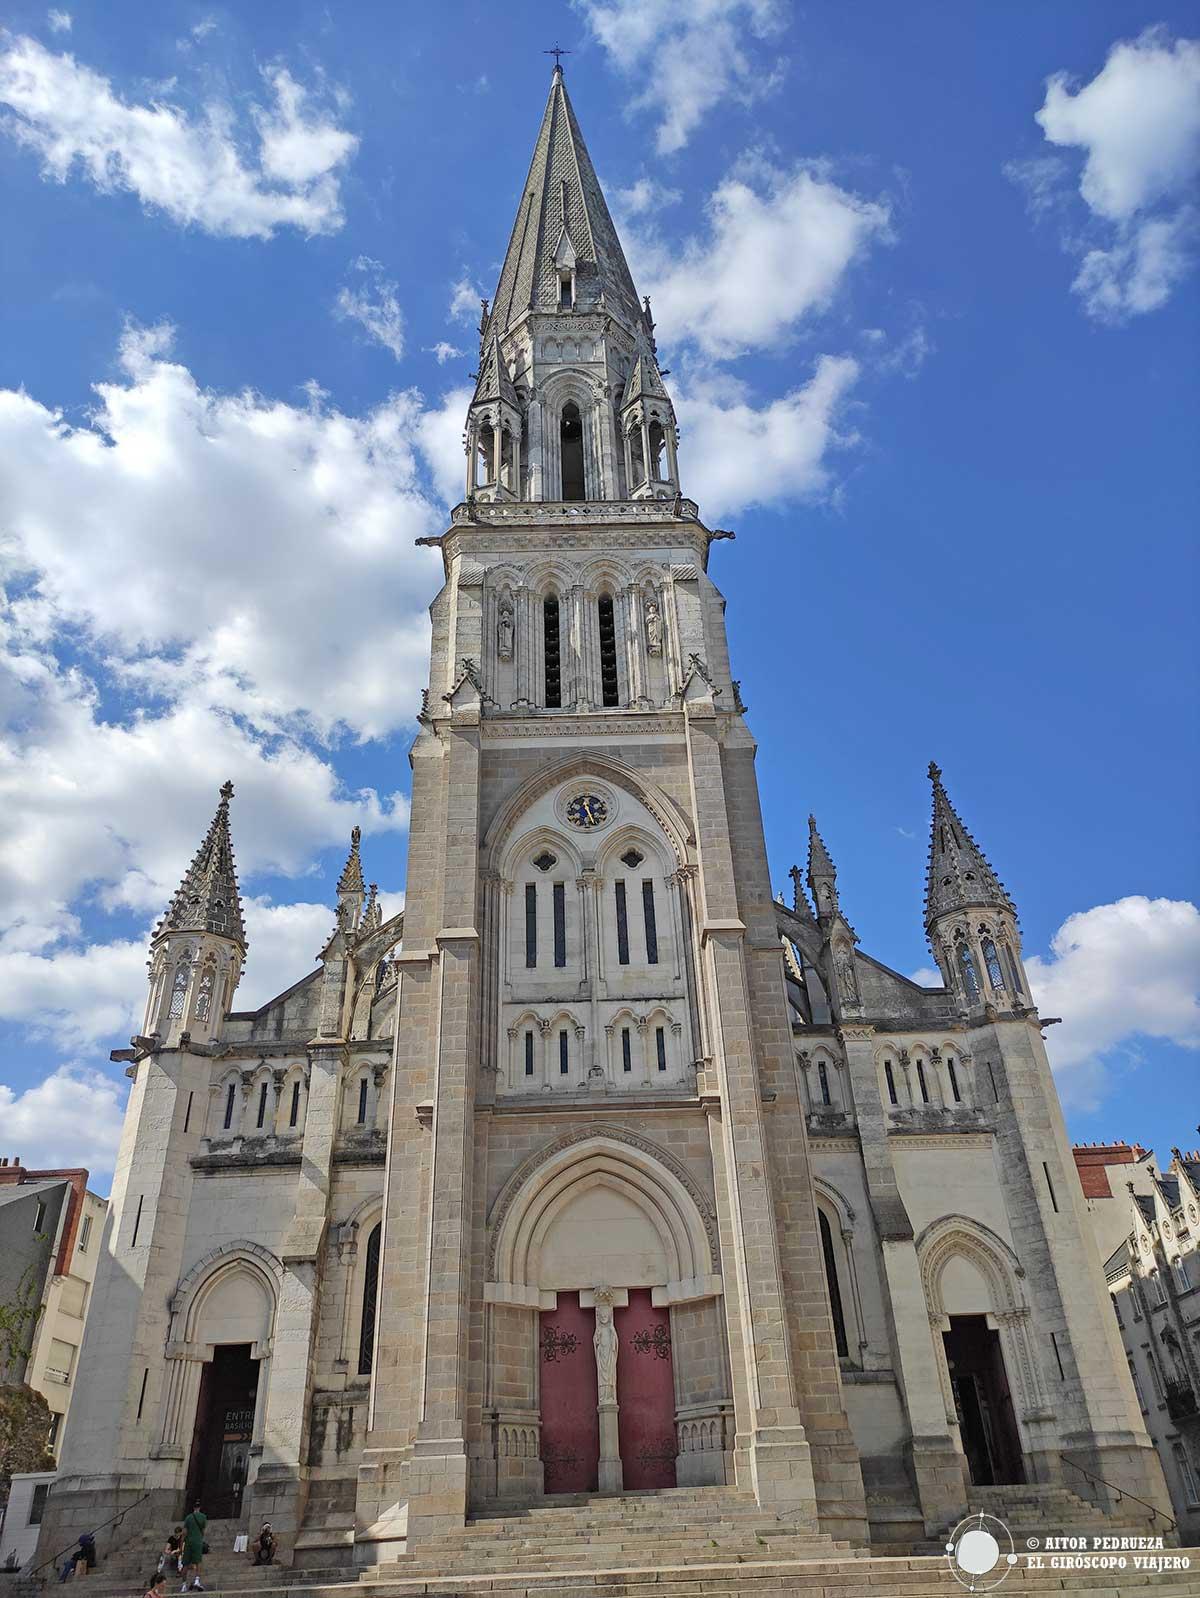 Basílica neogótica de San Nicolás